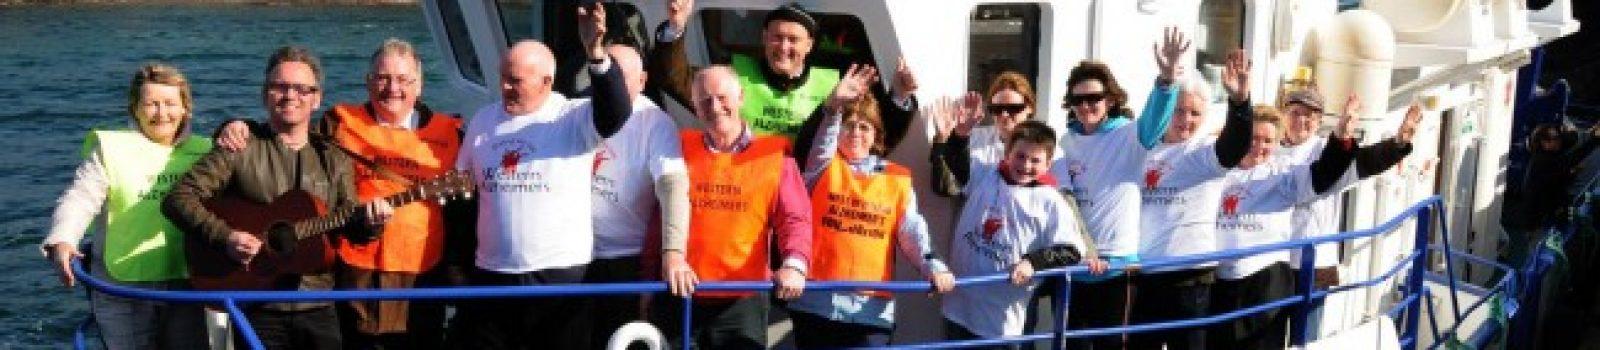 Western Alzimers Charity Walk